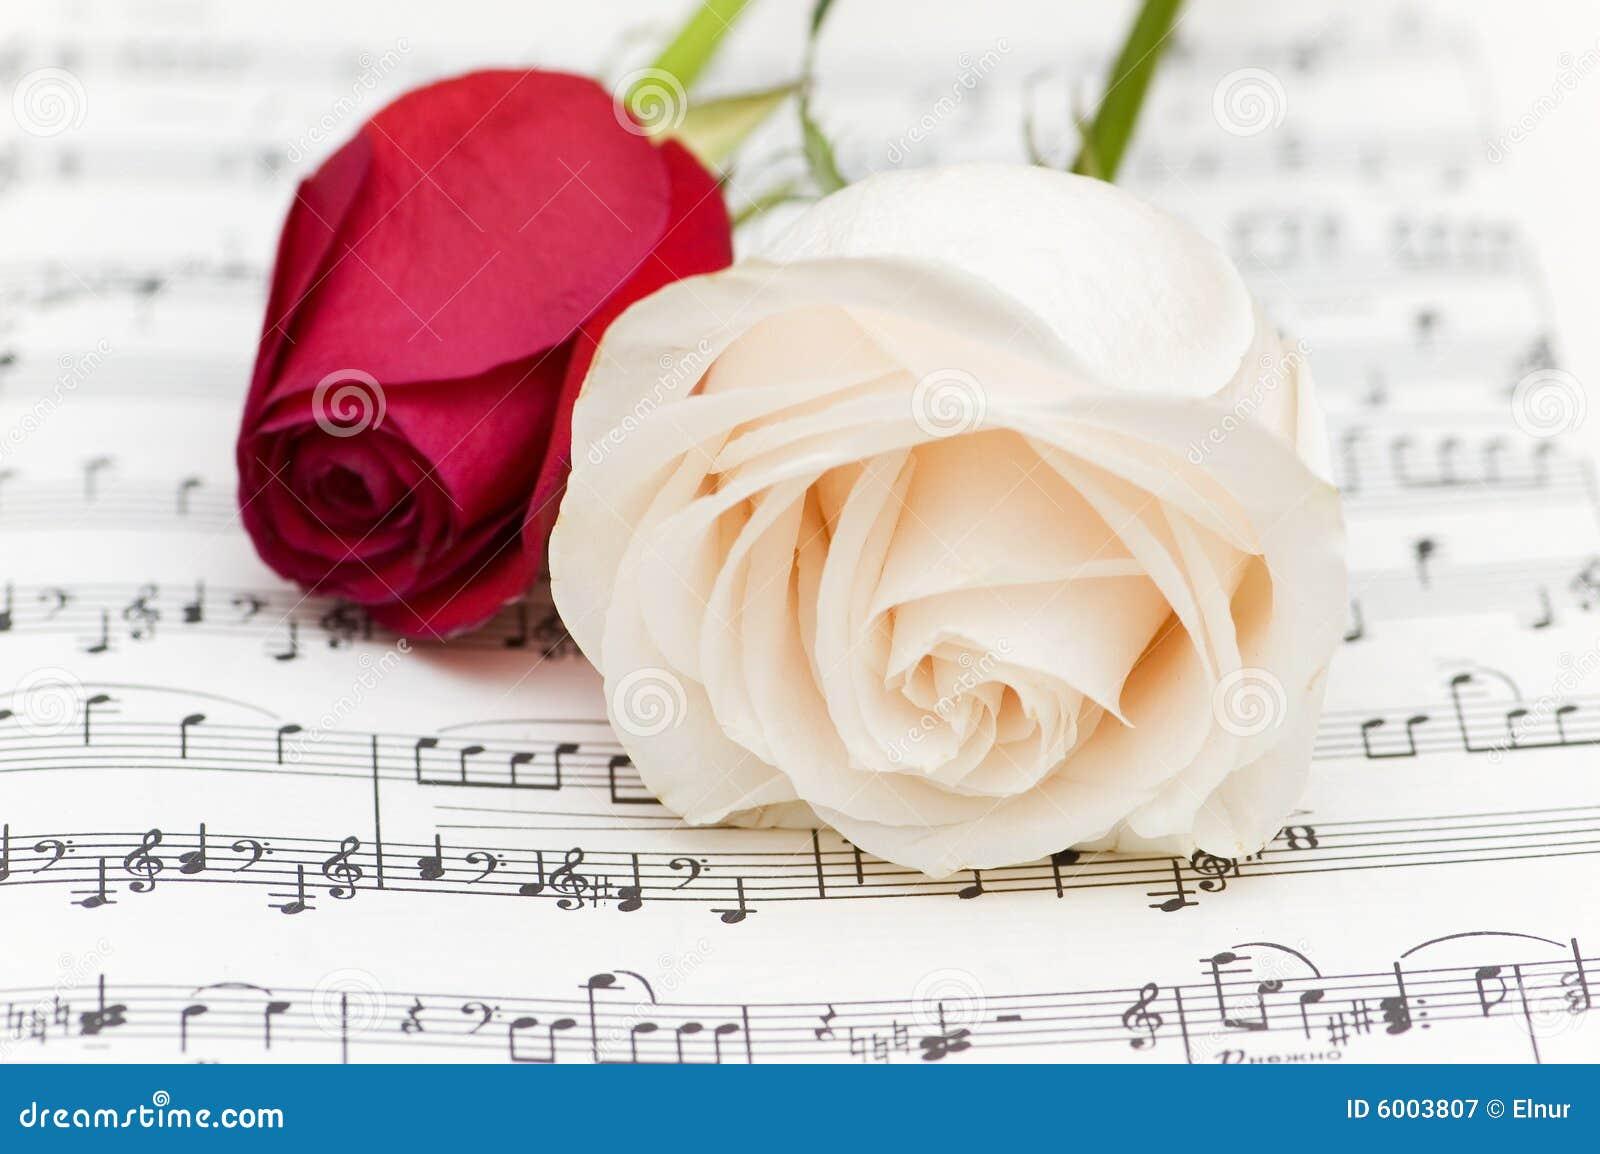 Rosas Blancas Y Rojas Imagen De Archivo Imagen De Hoja 6003807